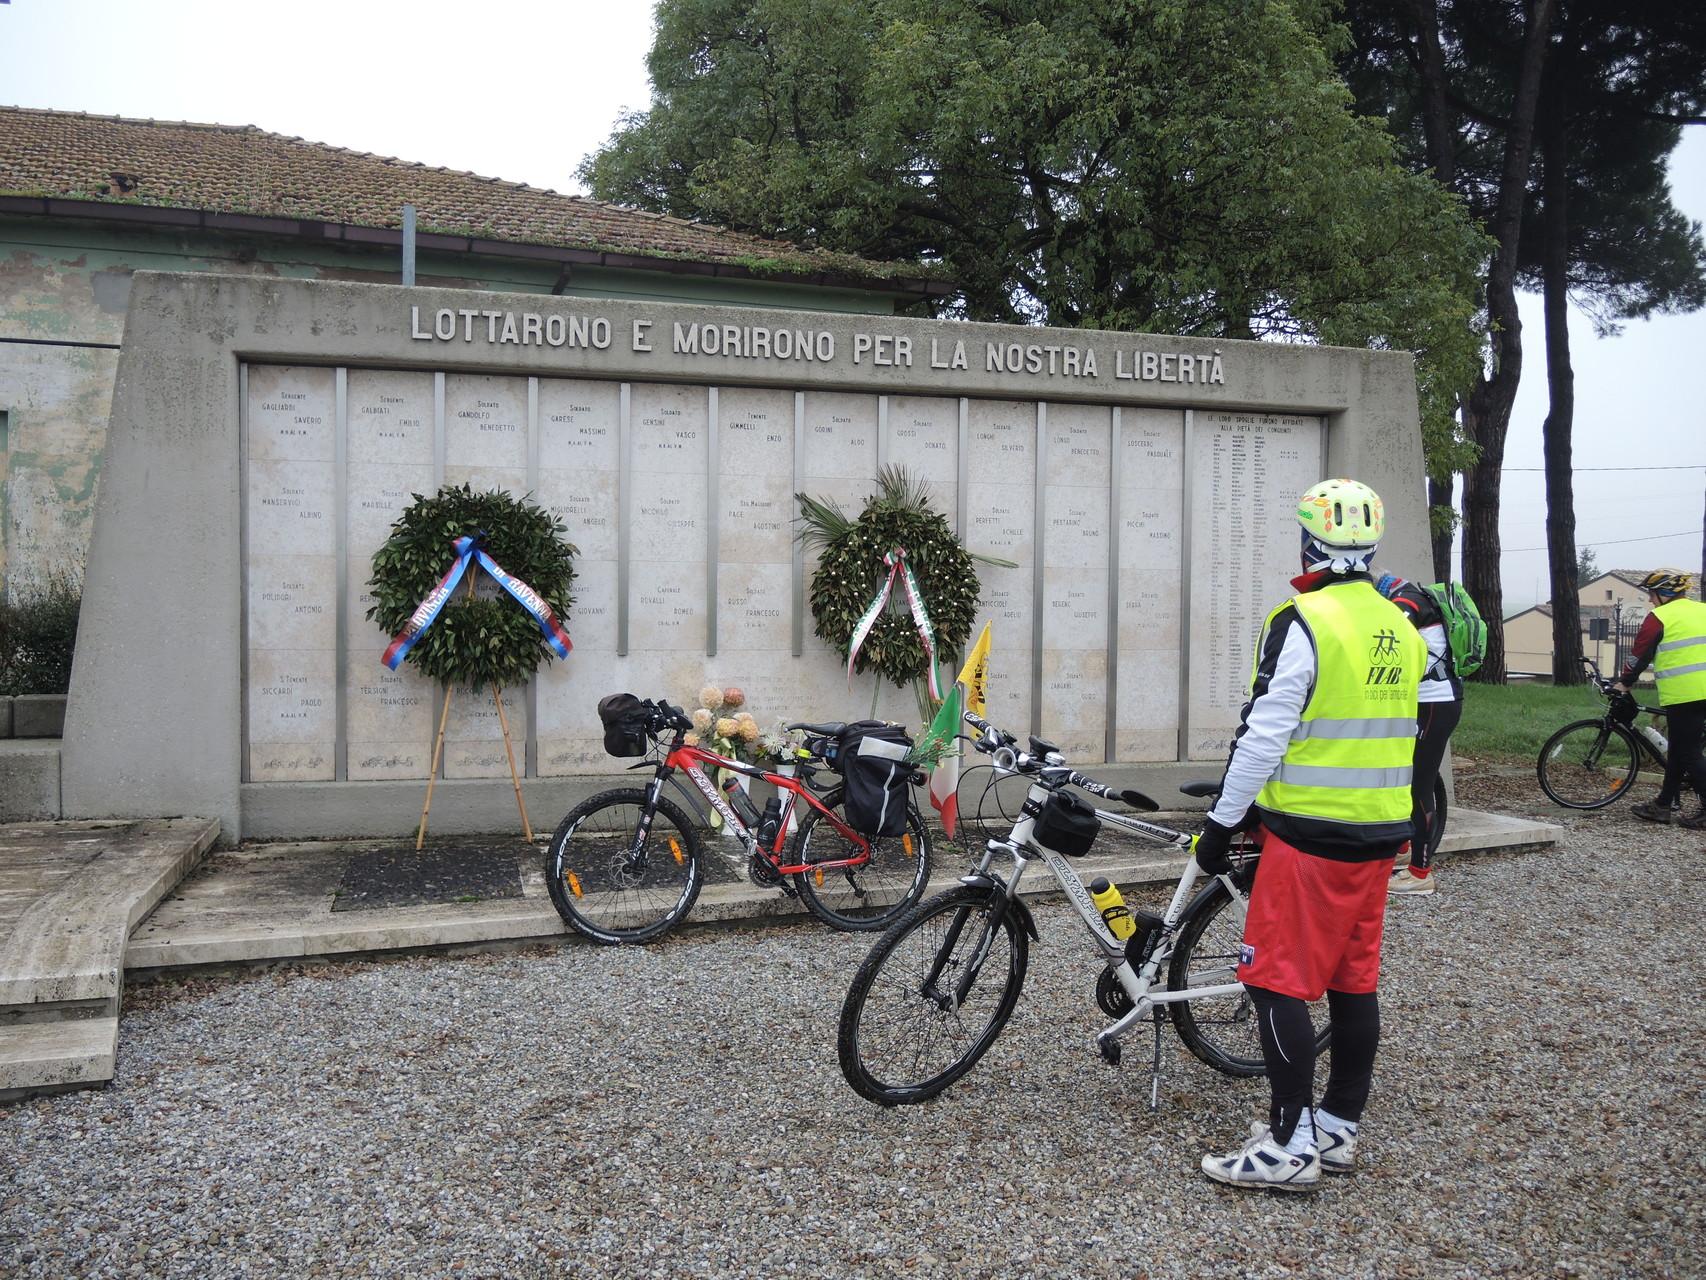 """Camerlona Cimitero di Guerra del Gruppo di Combattimento """"Cremona"""", uno dei primi del ricostituito Esercito Italiano"""